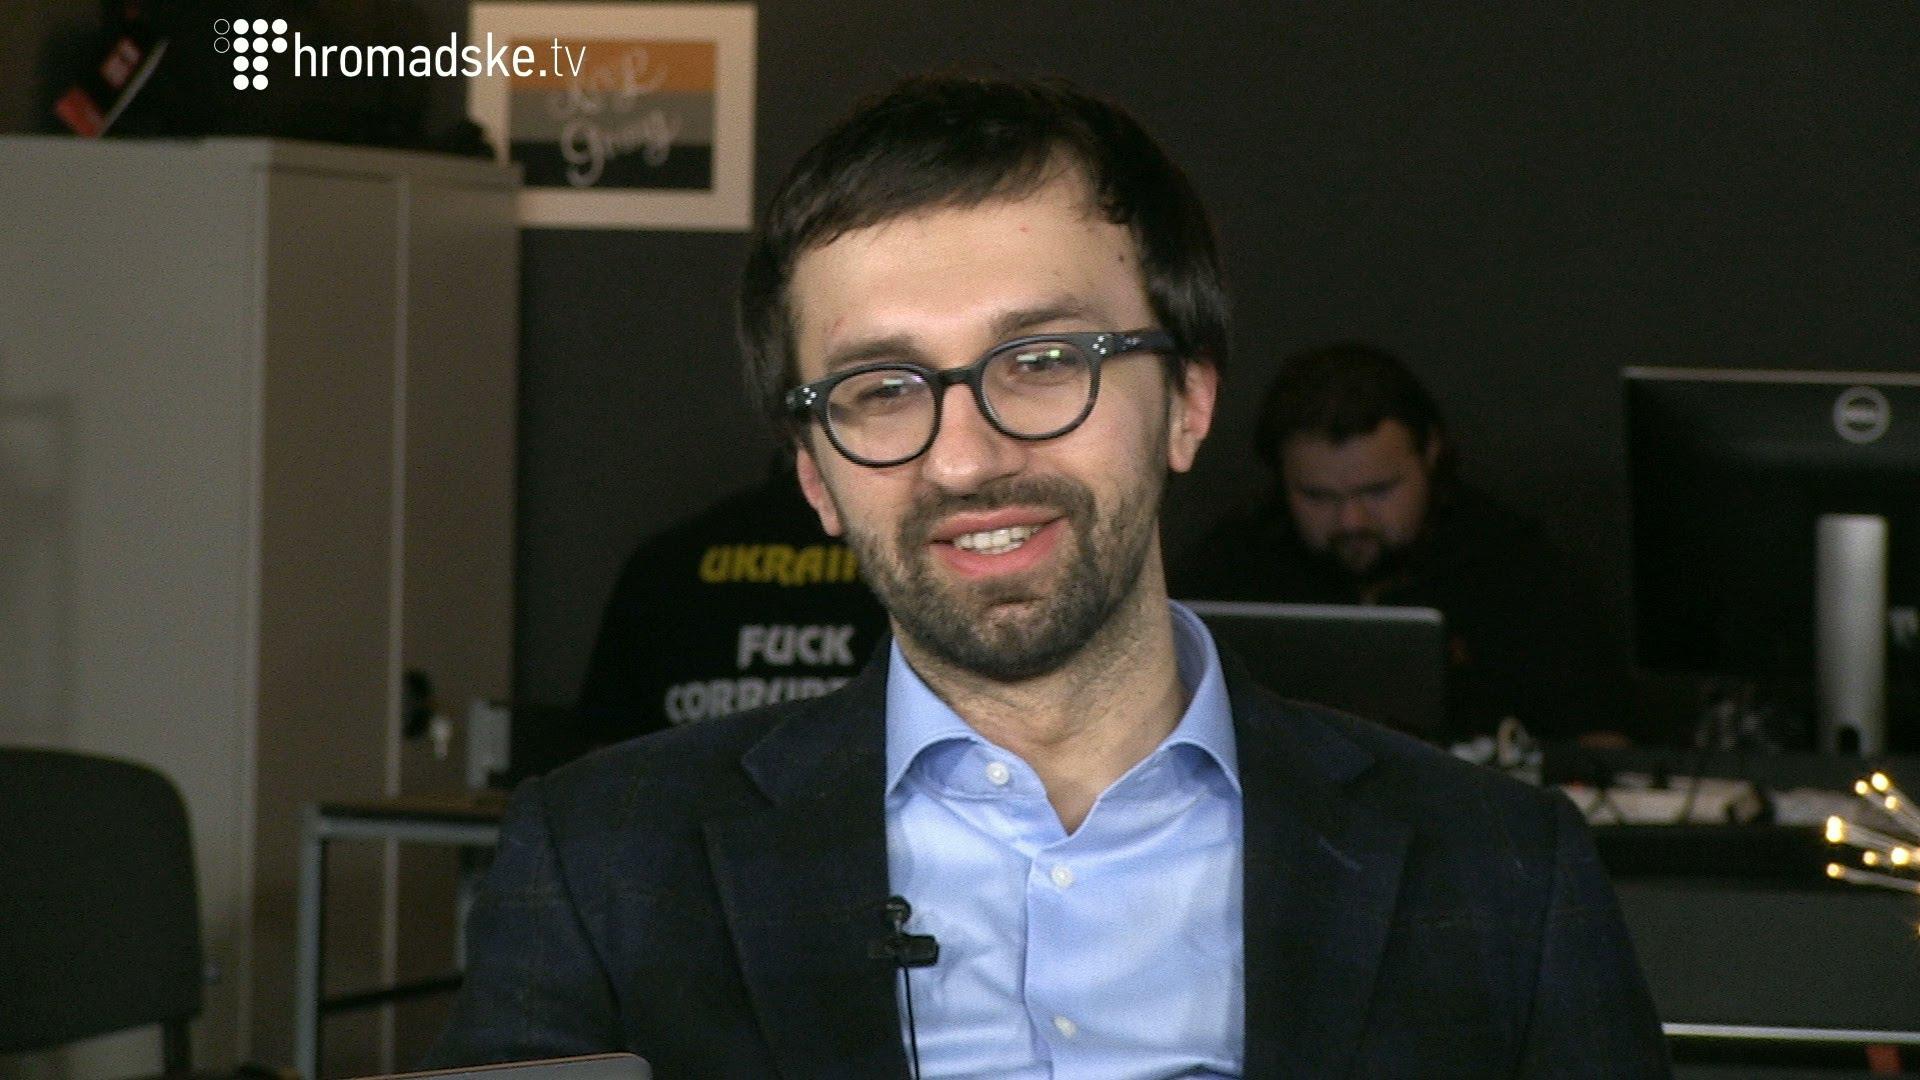 САП требовала внести в ЕРДР факт покупки квартиры нардепом Лещенко